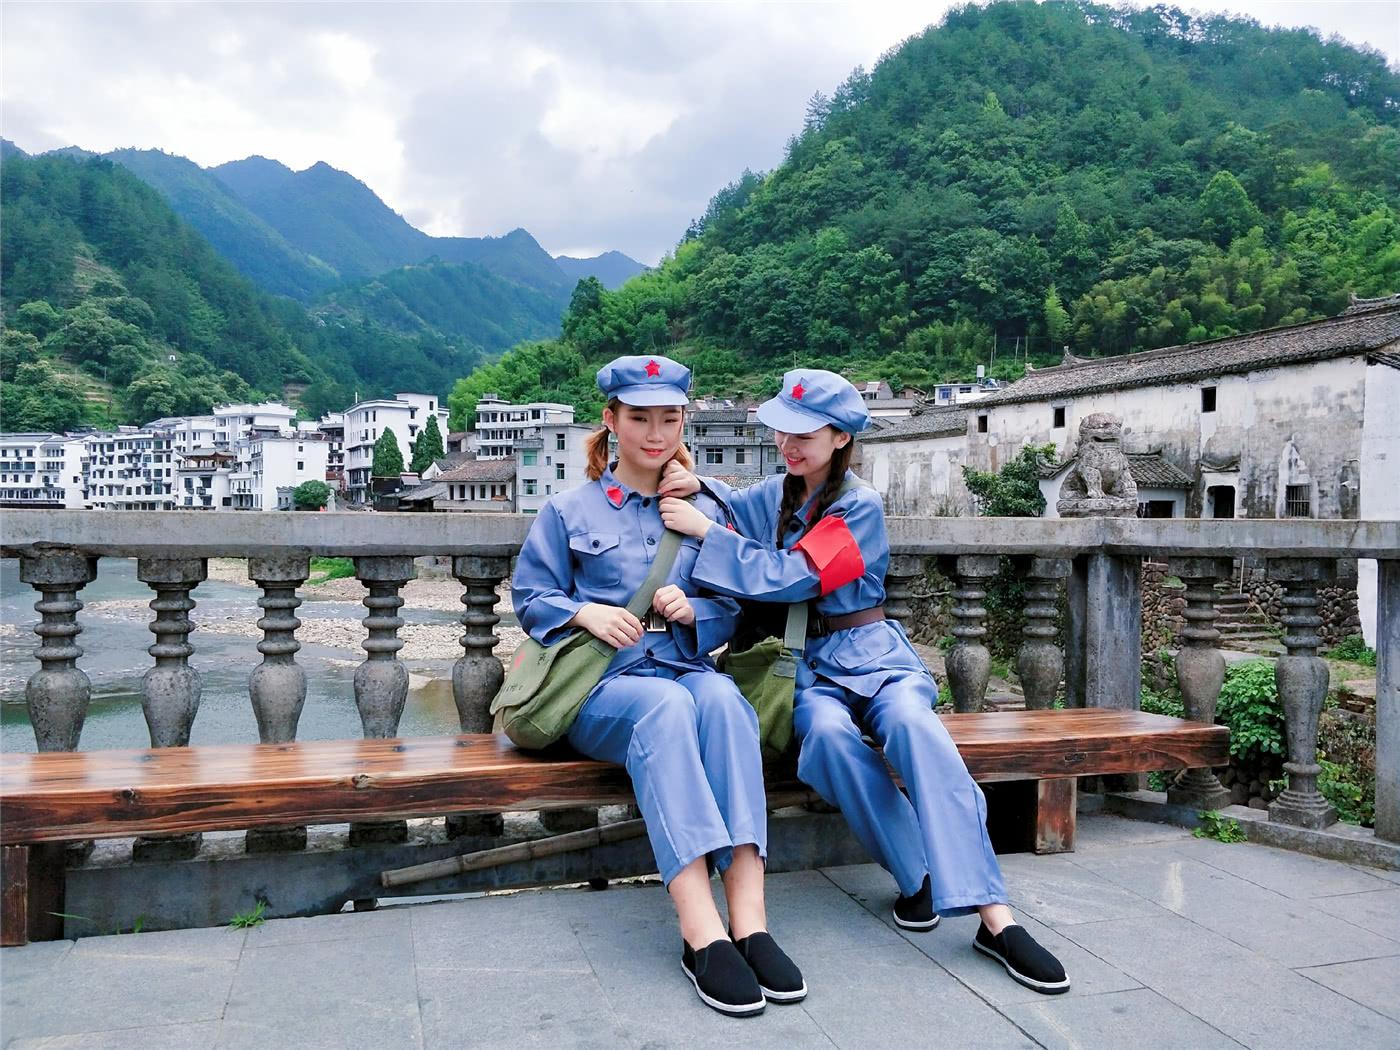 丽水遂昌乌溪江畔王村口,浙西南著名红色旅游古镇